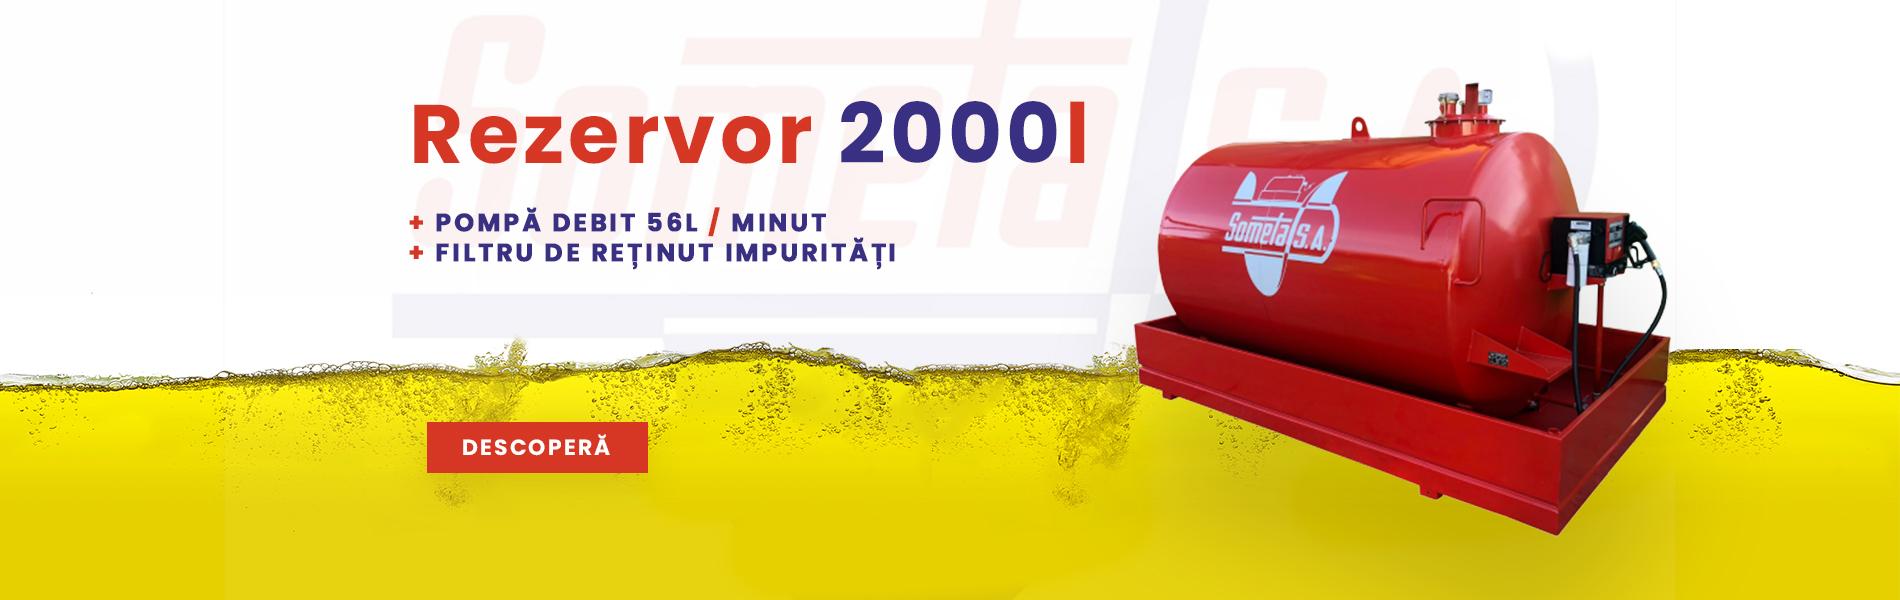 Rezervor 2000l